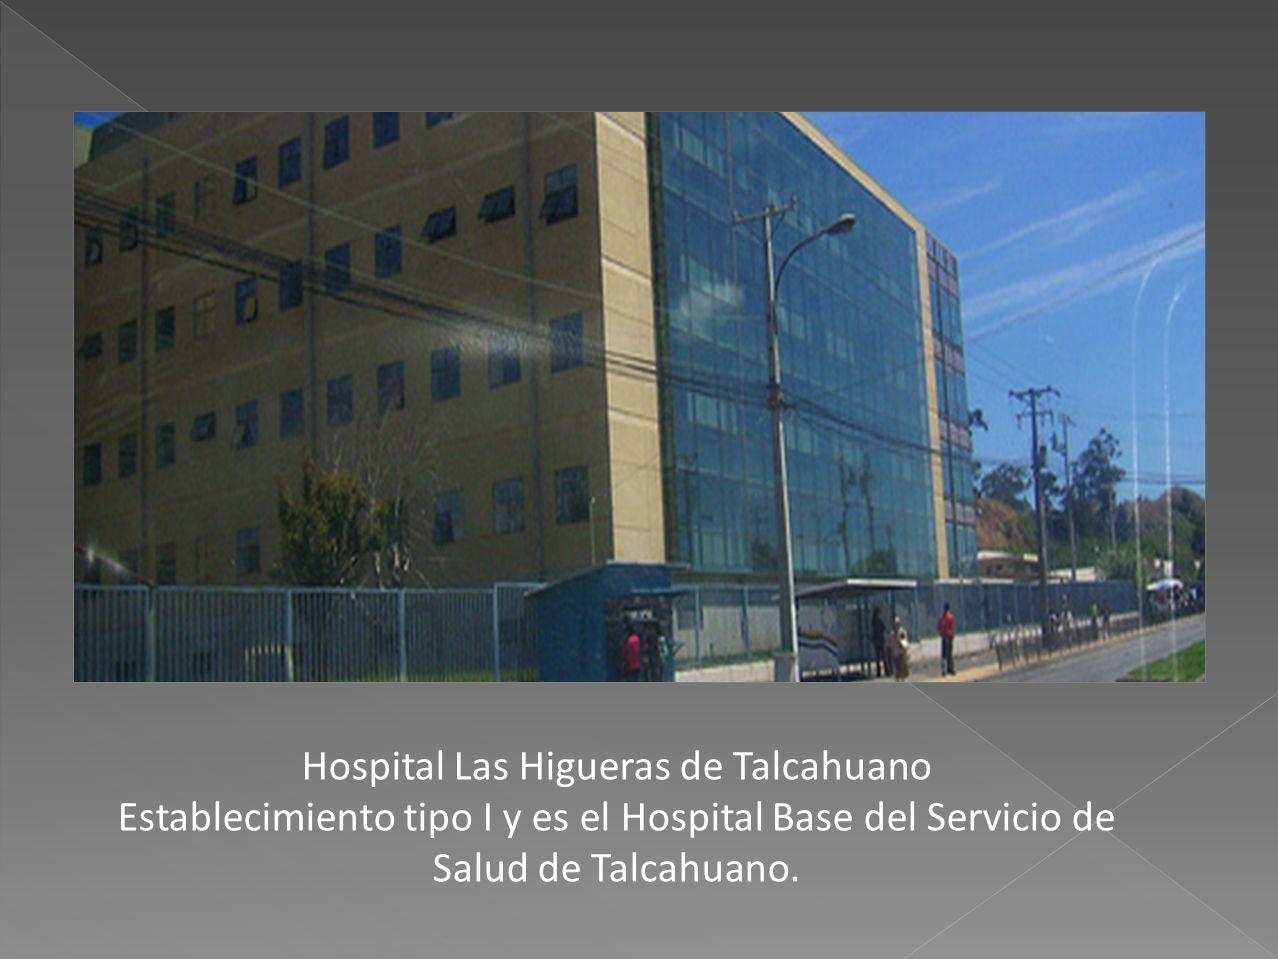 Hospital Las Higueras de Talcahuano